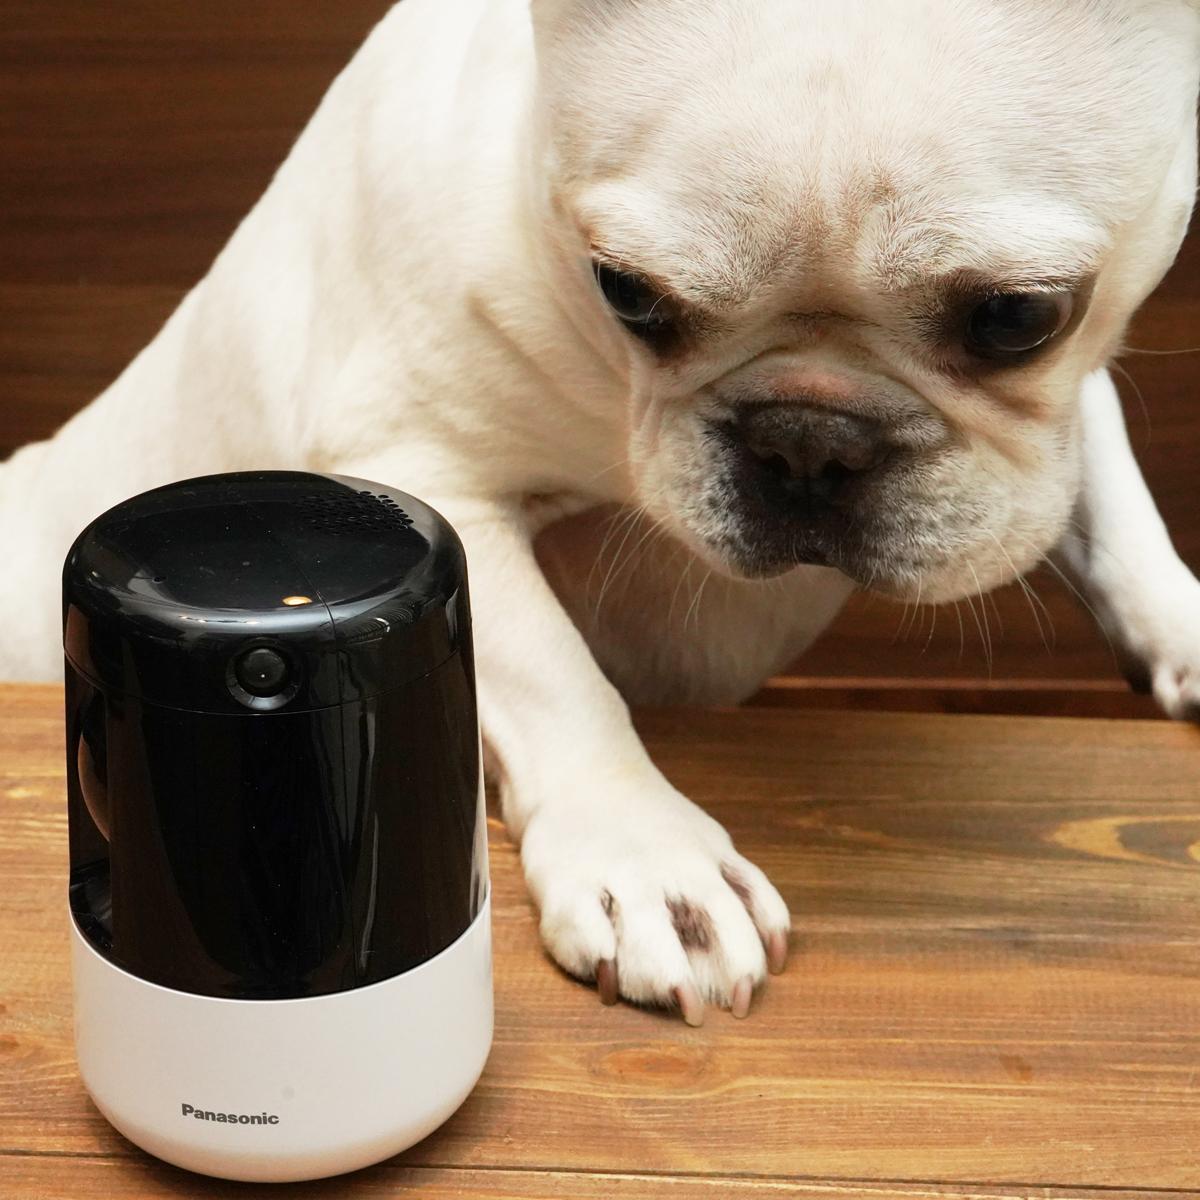 ペットのいる家庭もこれで安心!パナソニックのHDペットカメラで暑い夏を乗り切れ!